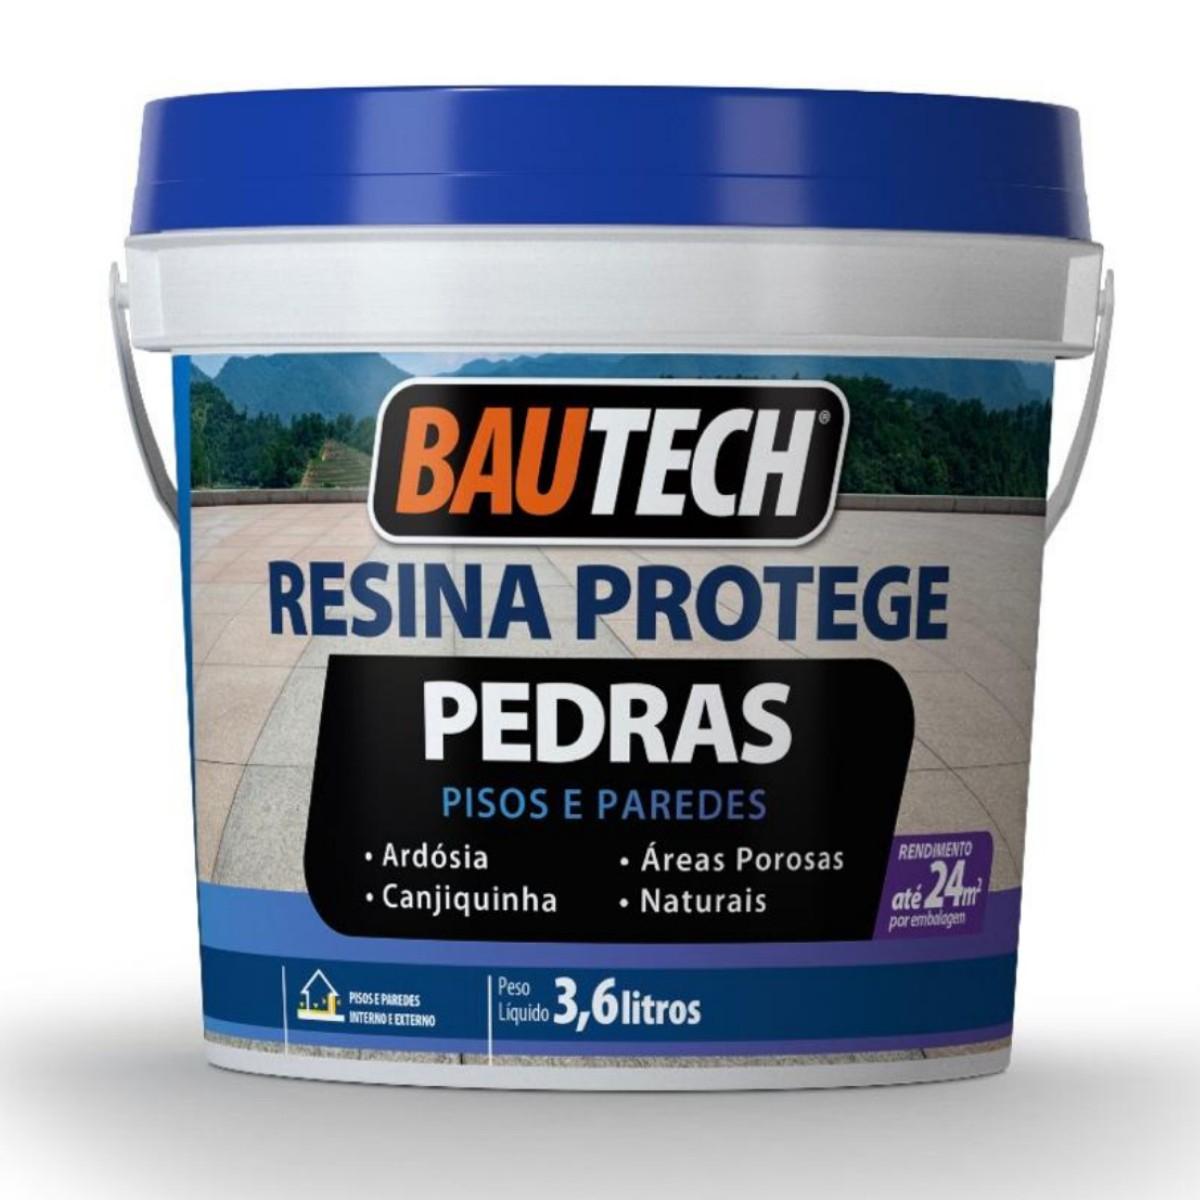 Resina Acrilica Protege Pedras Bautech 3,6L